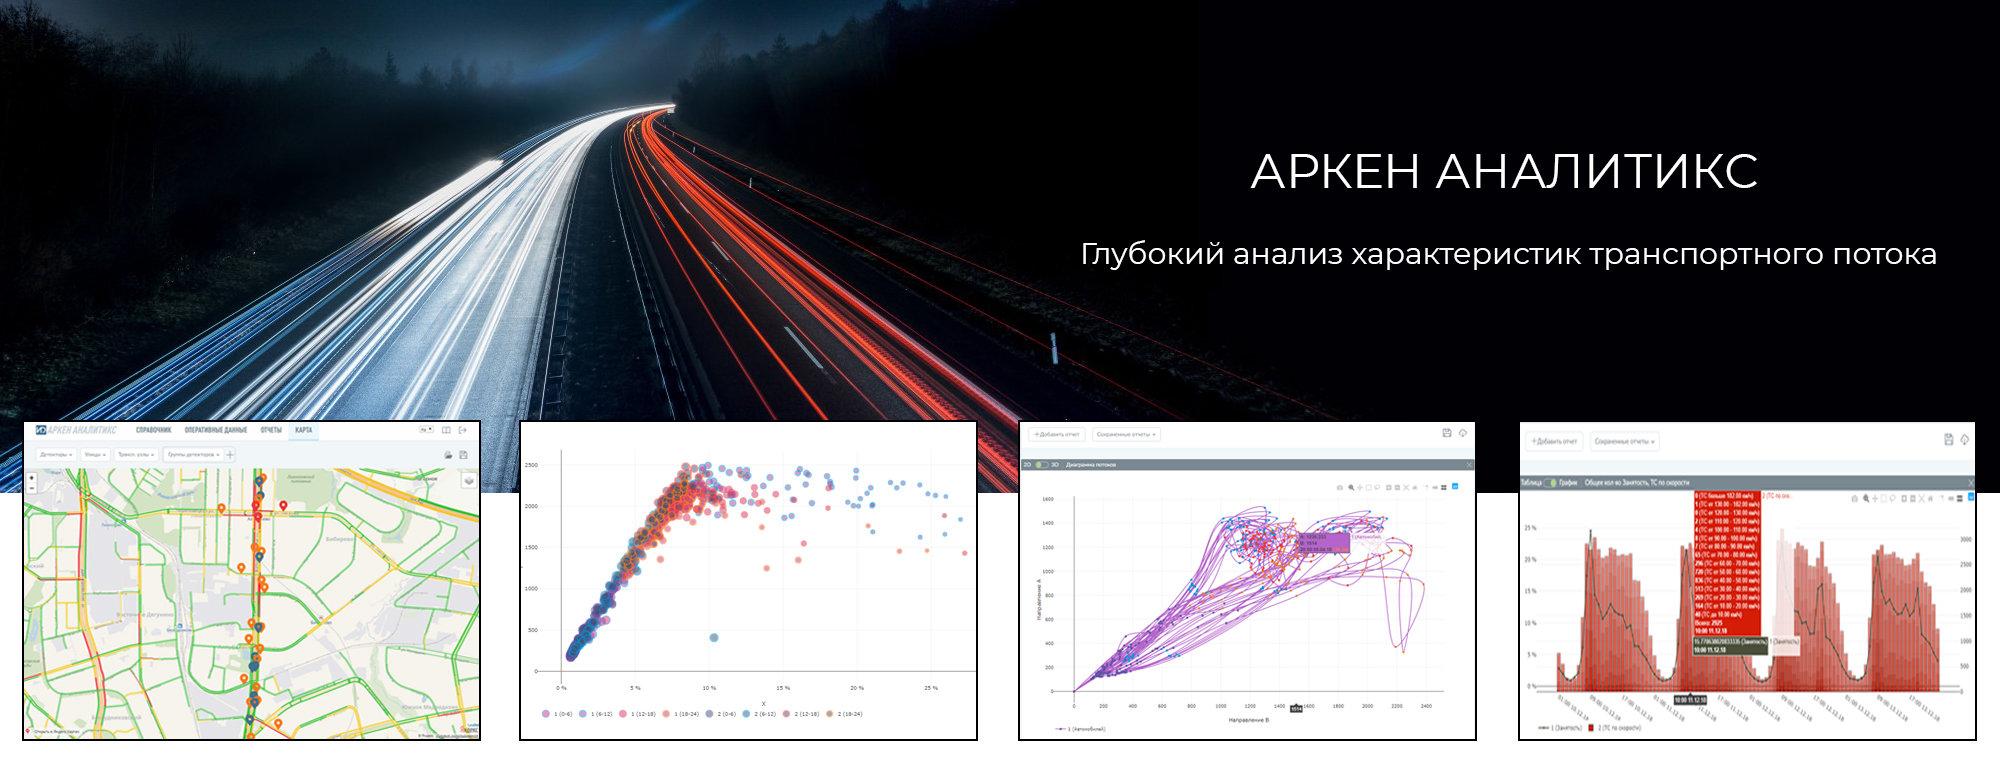 аркен-аналитикс-баннер